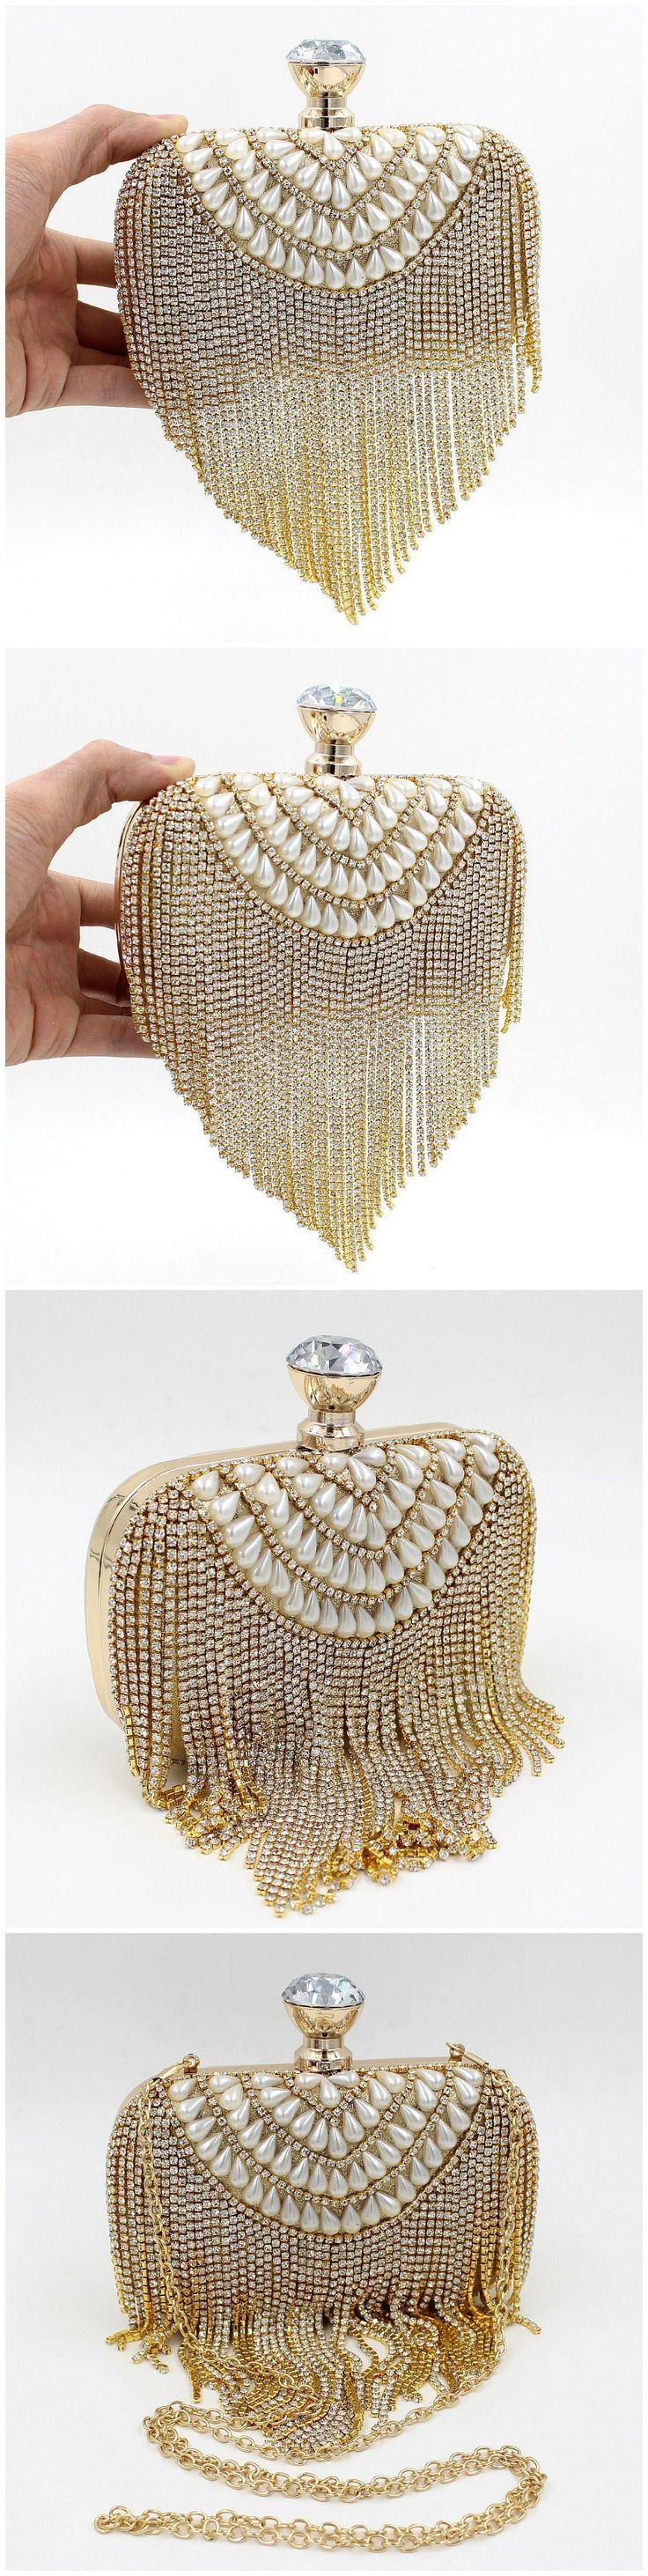 Новые поступления ручная сумка из бисера кристалл кисточкой гигантский алмаз блокировки женщины вечерние сумки кошельки металла муфты золото свадьба кошелек, принадлежащий категории Вечерние сумки и относящийся к Багаж и сумки на сайте AliExpress.com | Alibaba Group